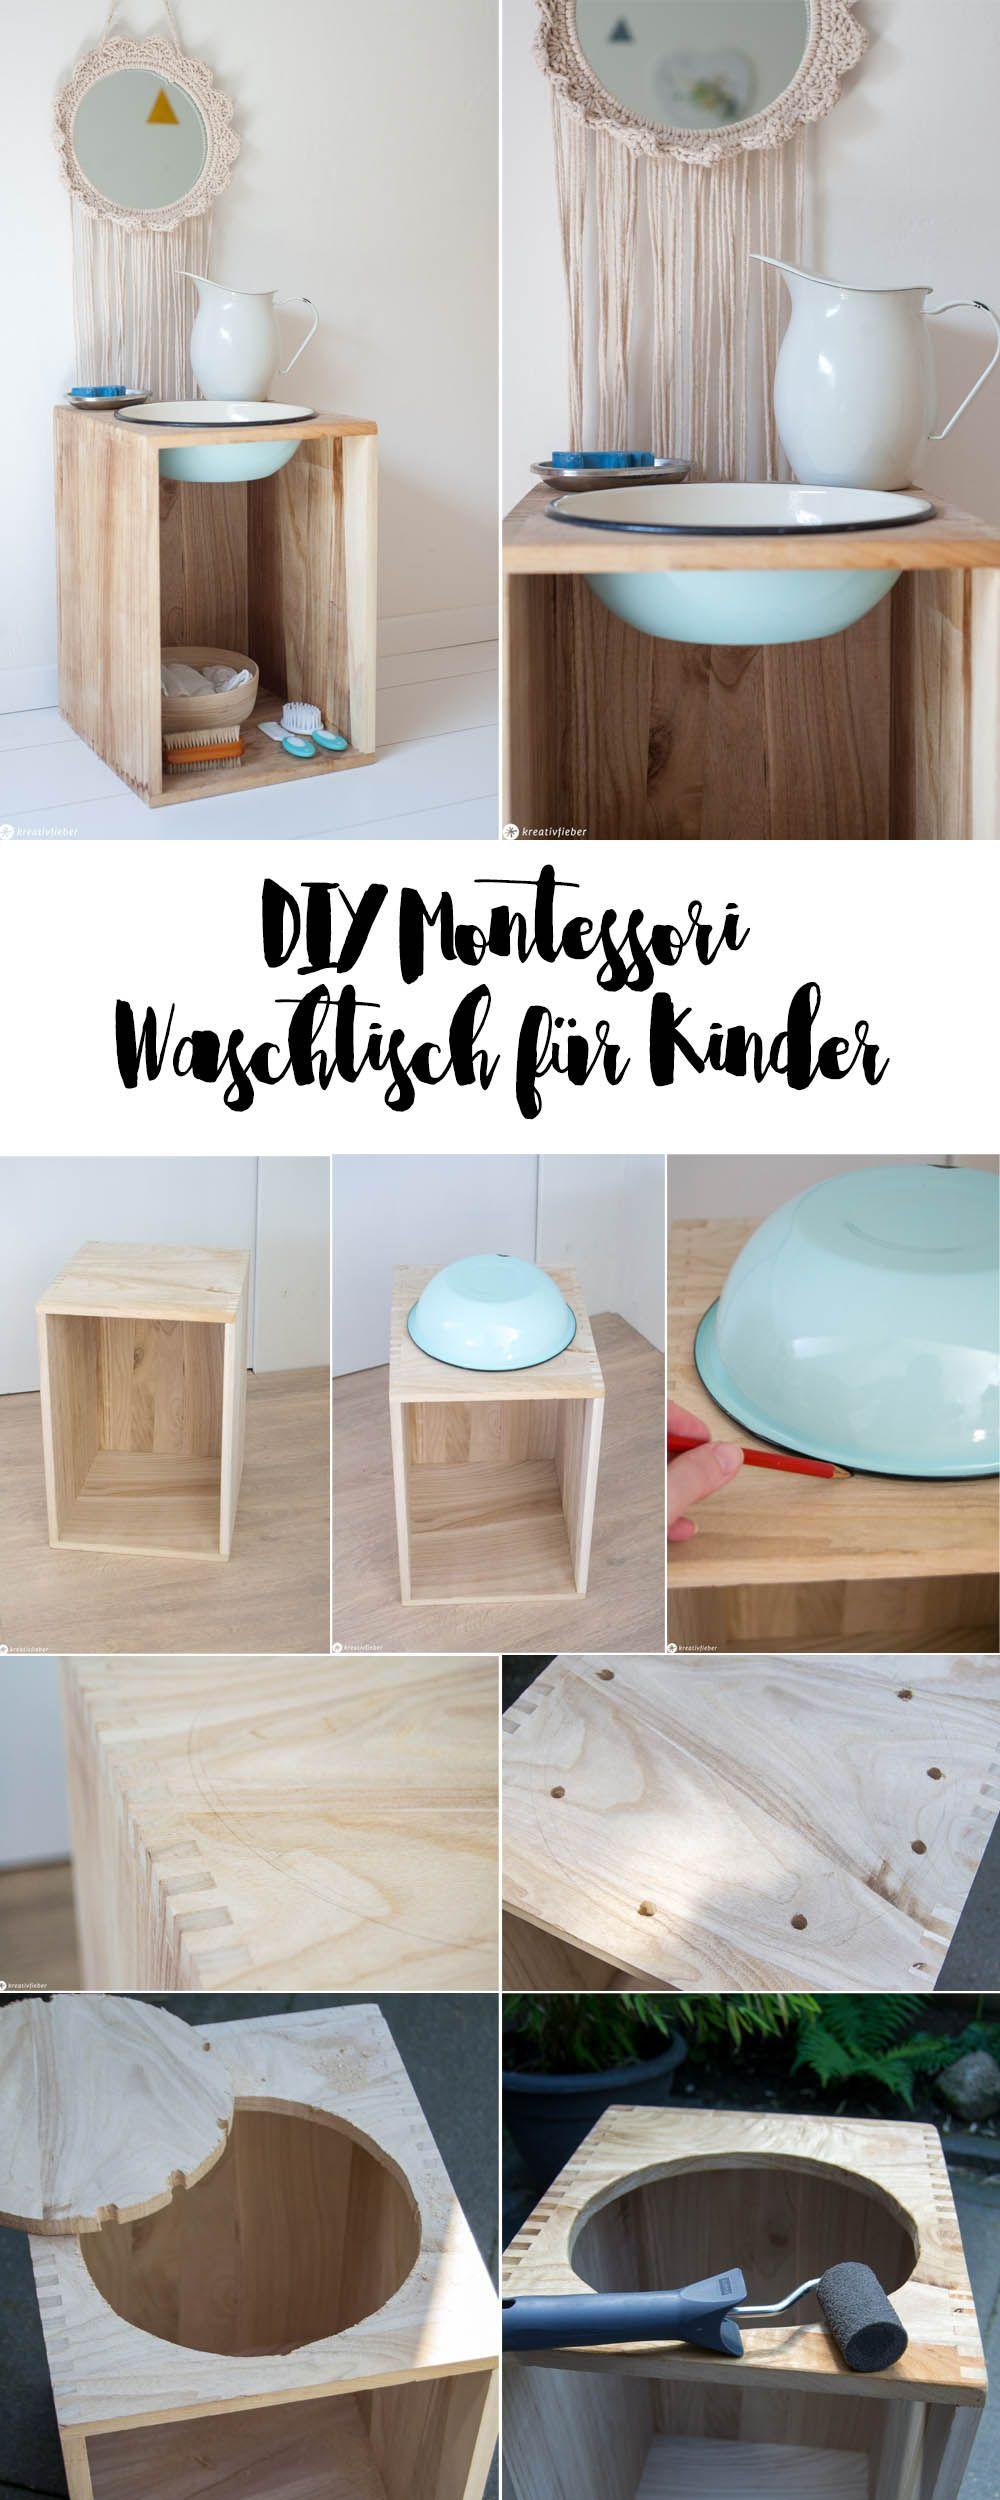 DIY Montessori Waschtisch für Kinder Waschtisch klein